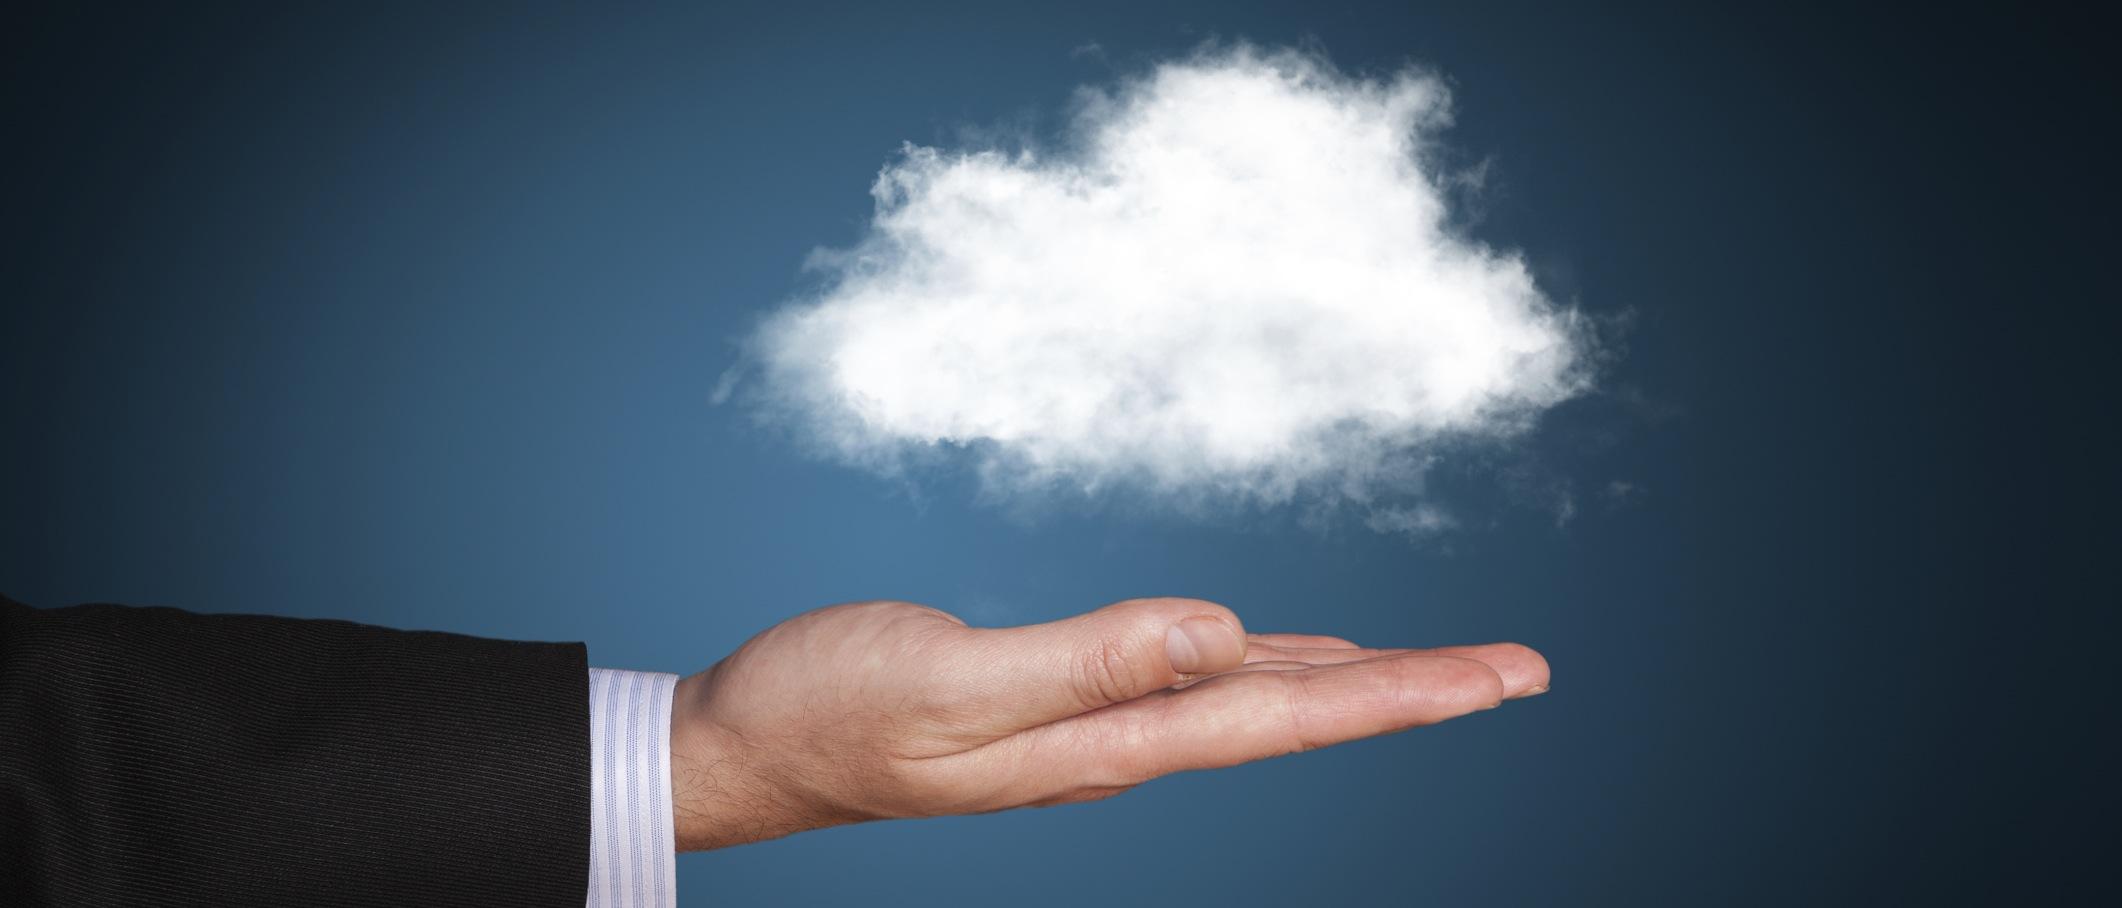 cloud migration business